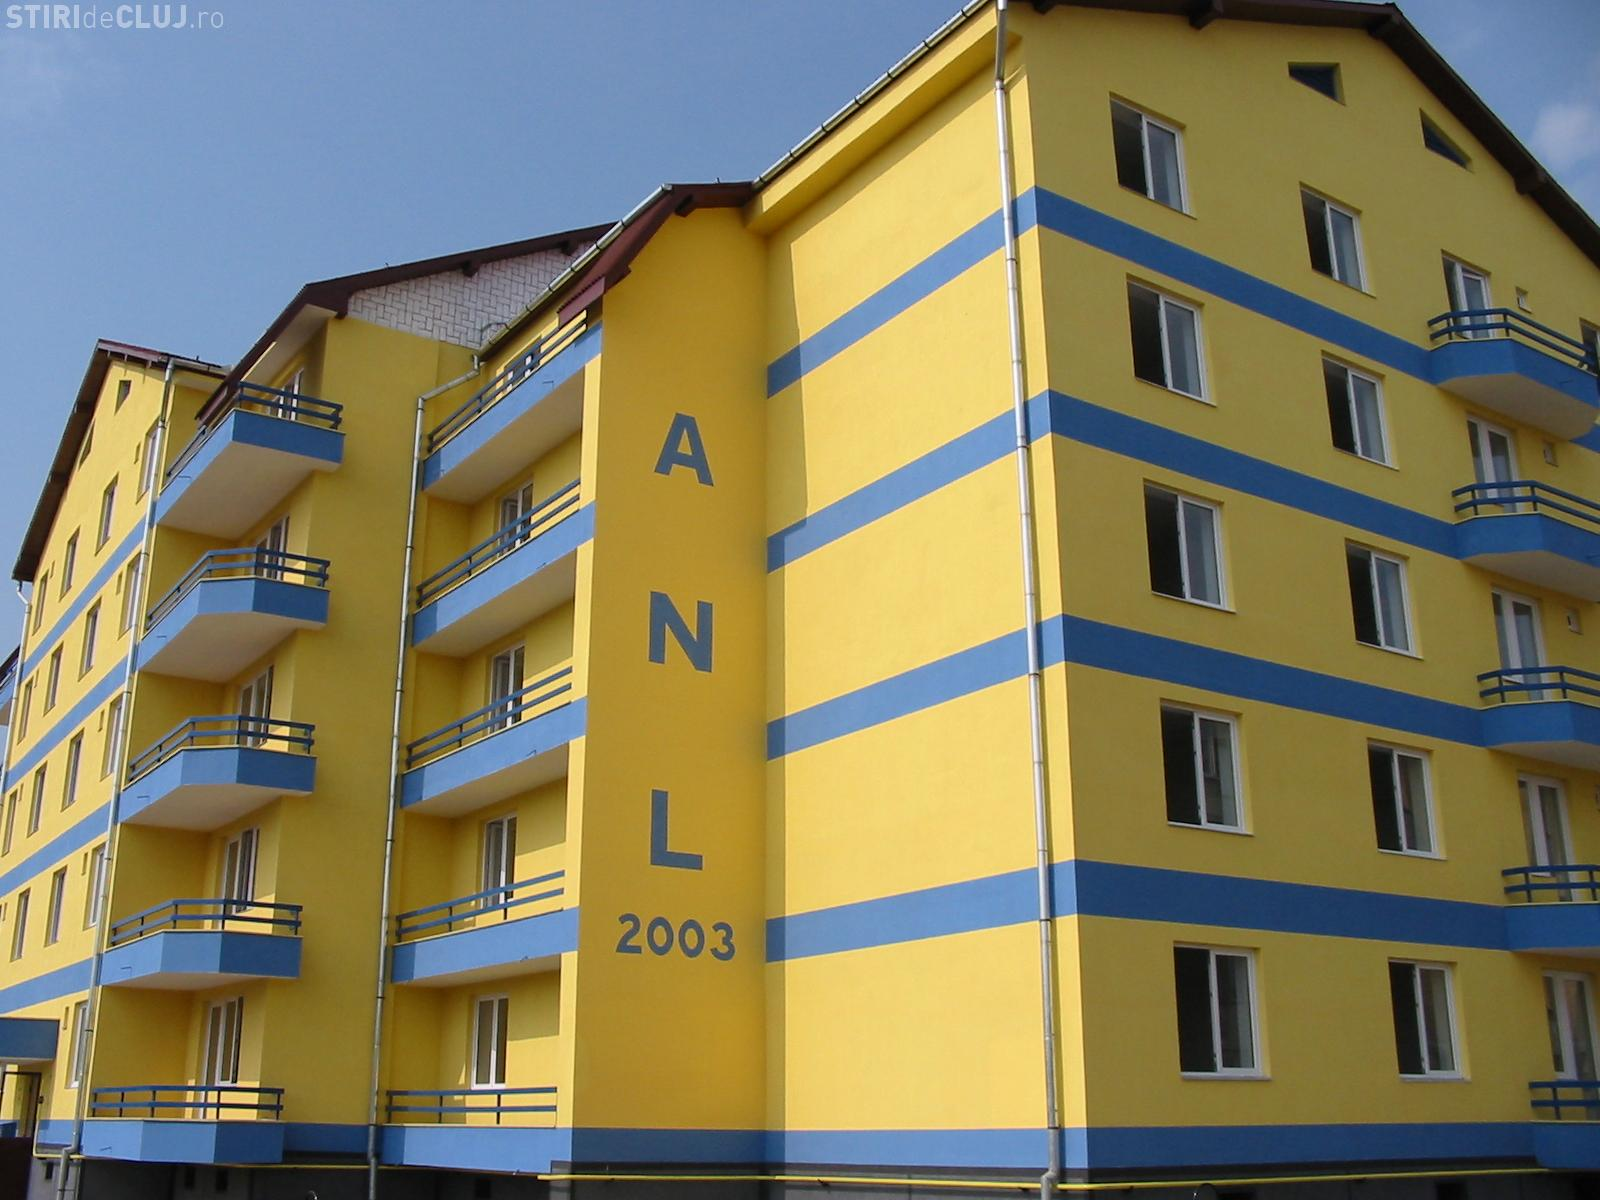 Ministerul Dezvoltării reduce chiriile pentru locuințele ANL